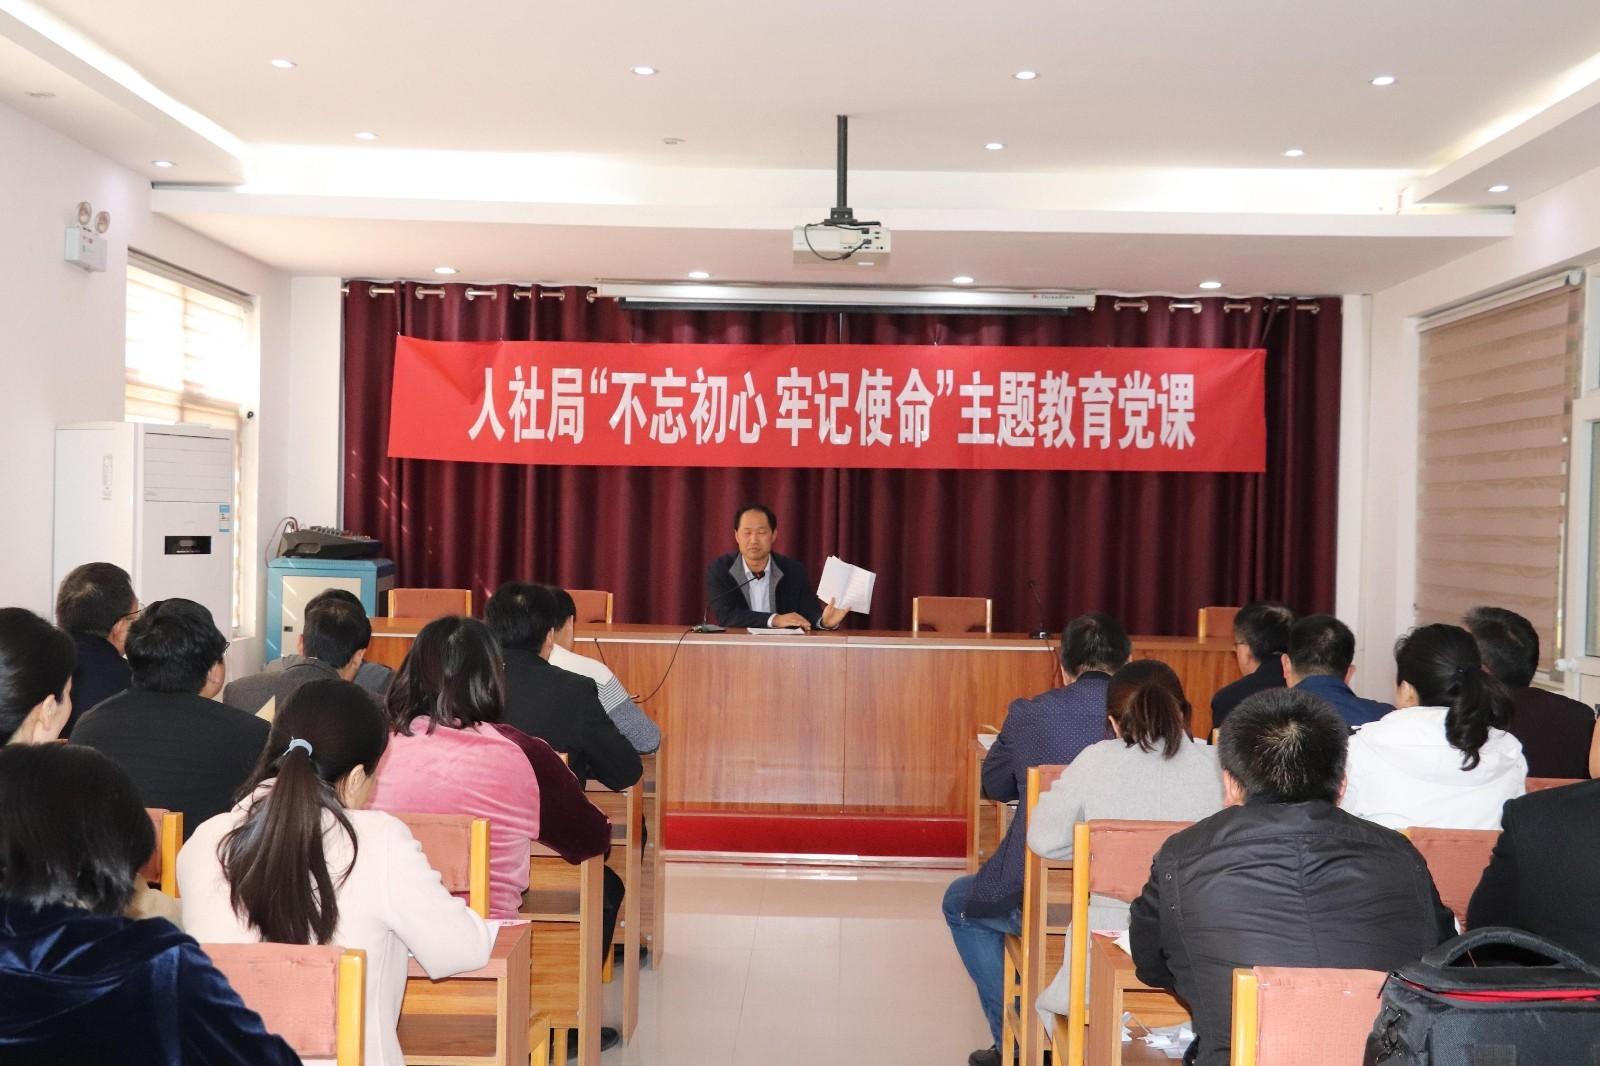 """隆尧县人社局开展""""不忘初心、牢记使命""""学习笔记观摩评比活动"""